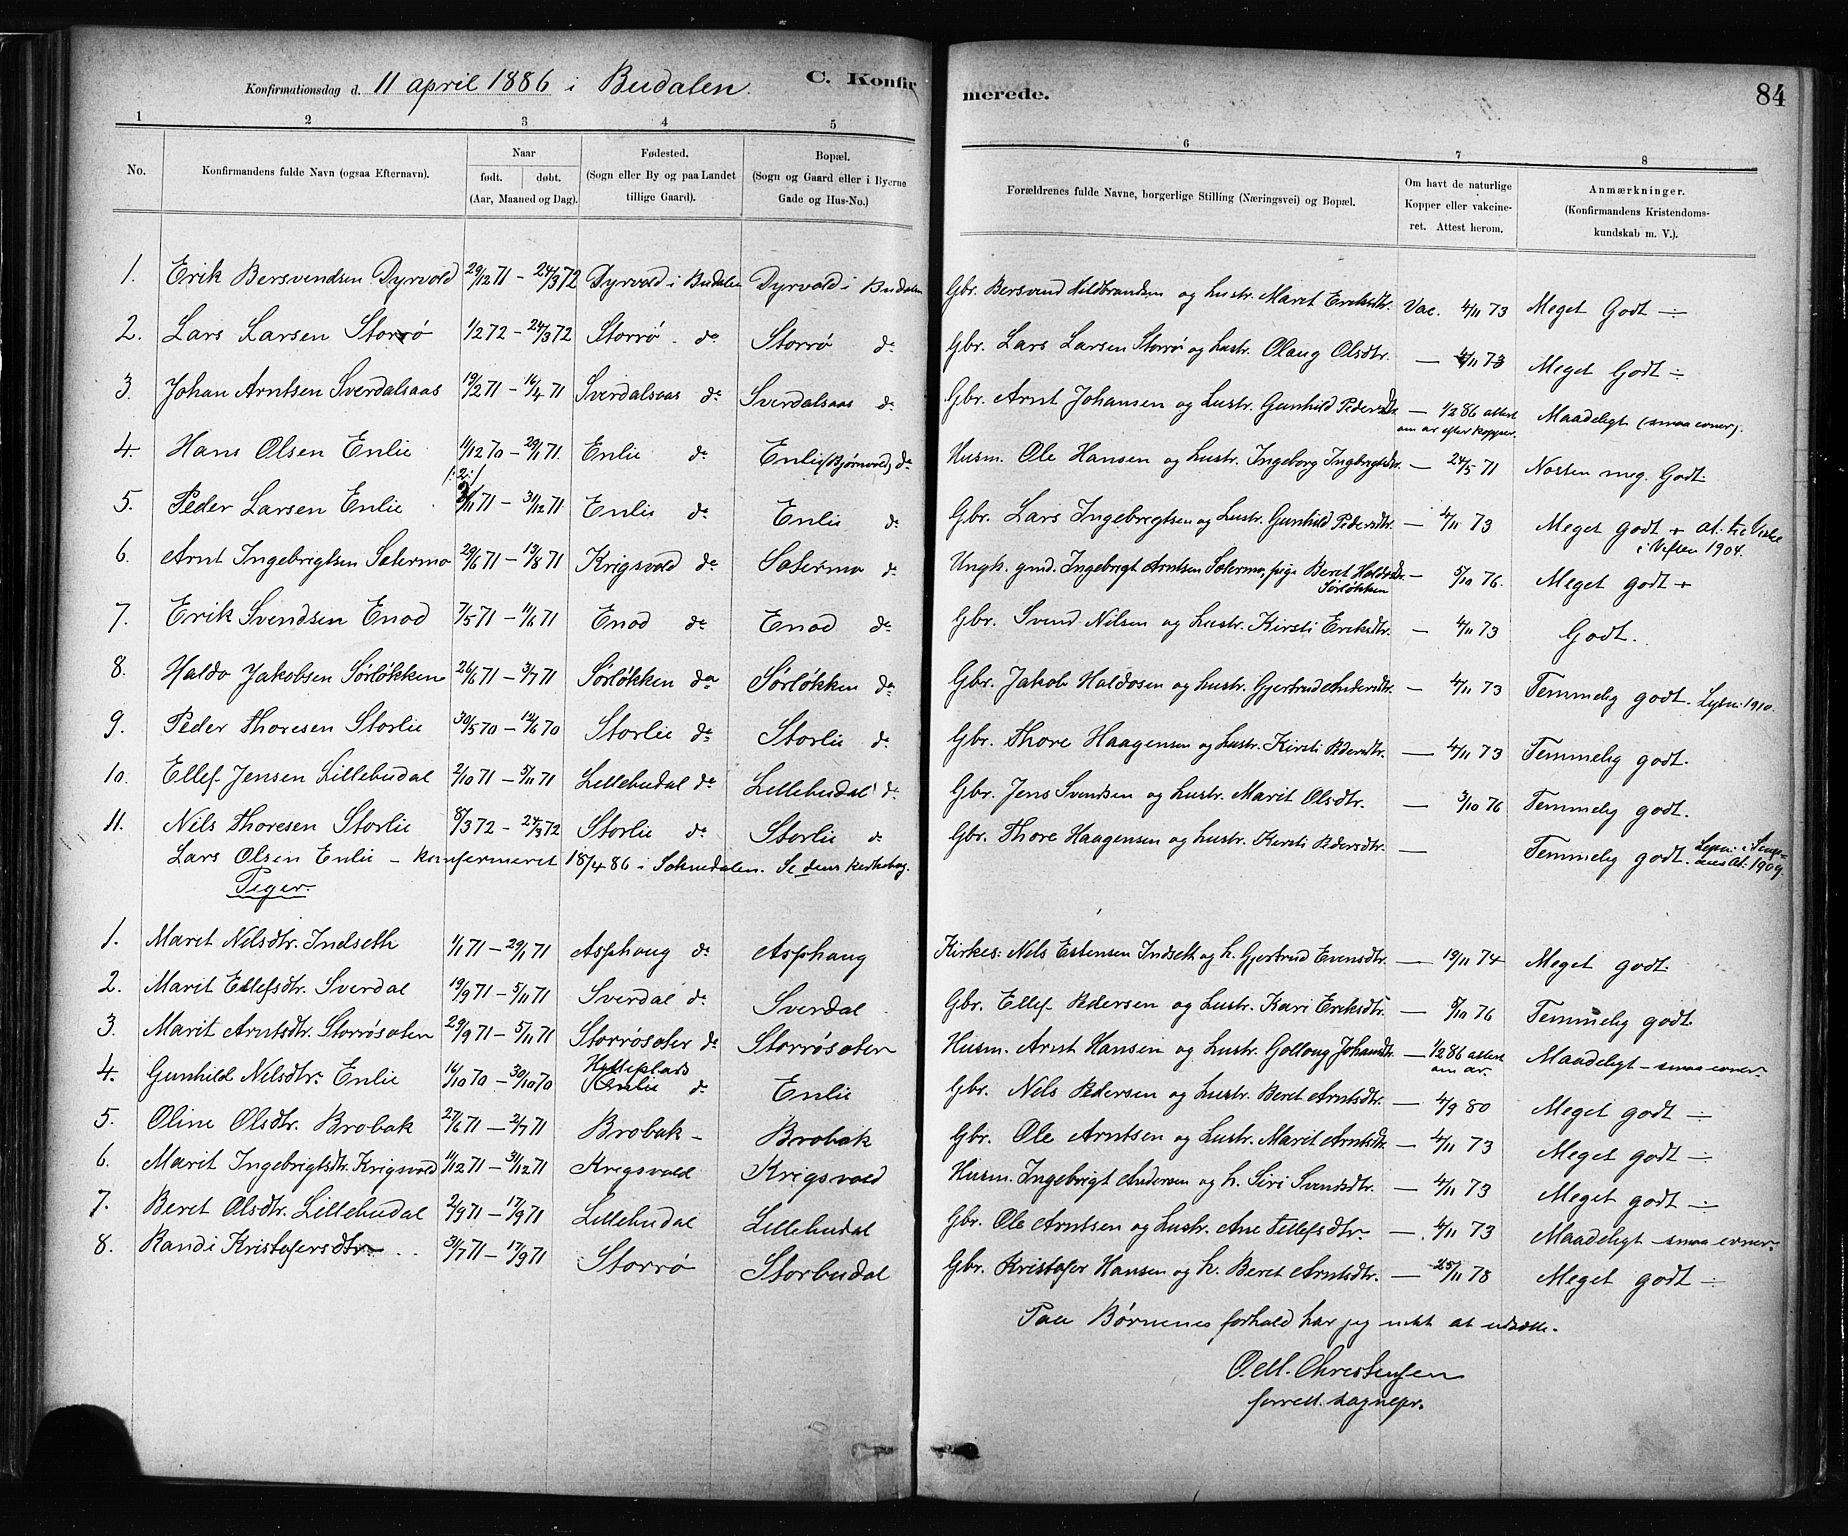 SAT, Ministerialprotokoller, klokkerbøker og fødselsregistre - Sør-Trøndelag, 687/L1002: Ministerialbok nr. 687A08, 1878-1890, s. 84